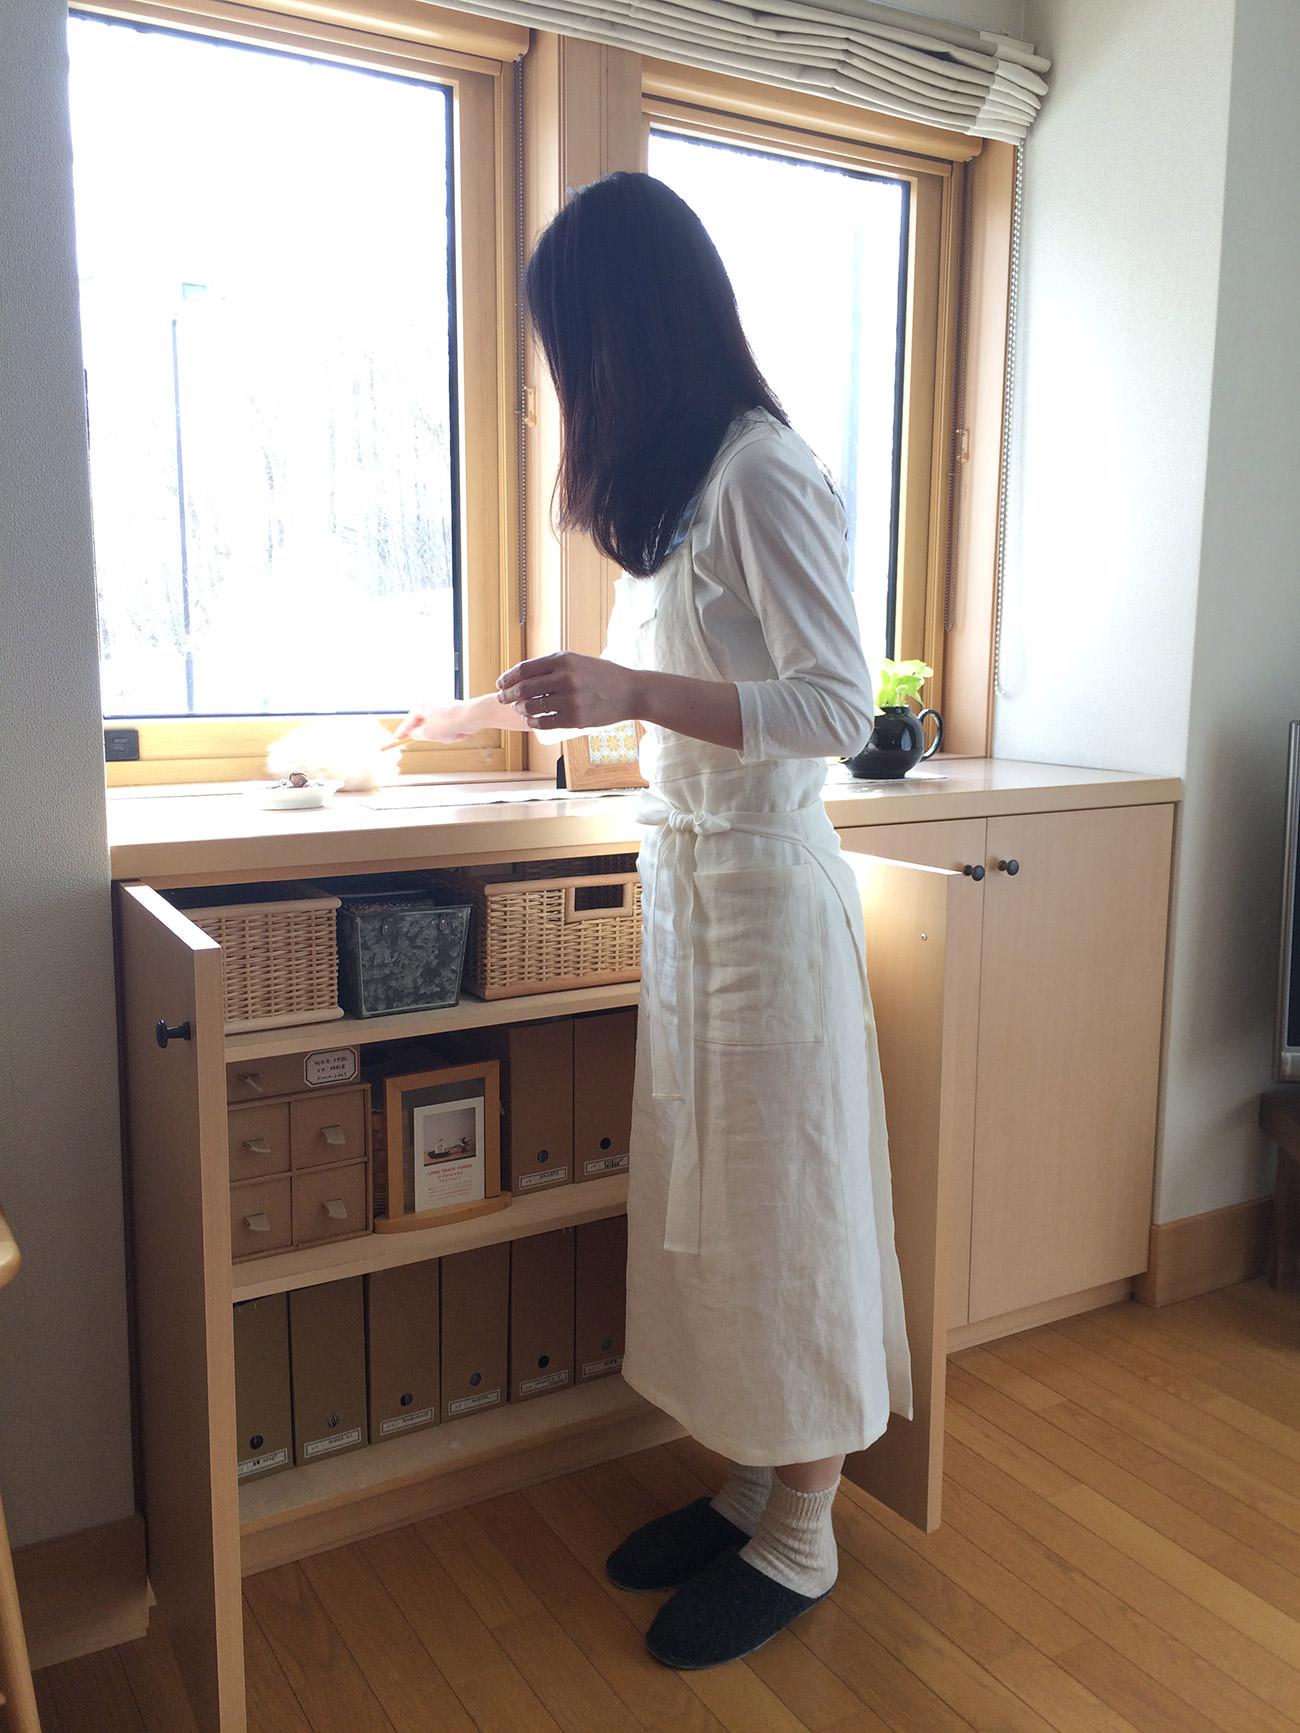 棚のなかが、きちんと整理されていると嬉しい。身に付けているのは、鎌倉のパターン・レーベル『TOWN(タウン)』と共同開発したオリジナル・エプロン。